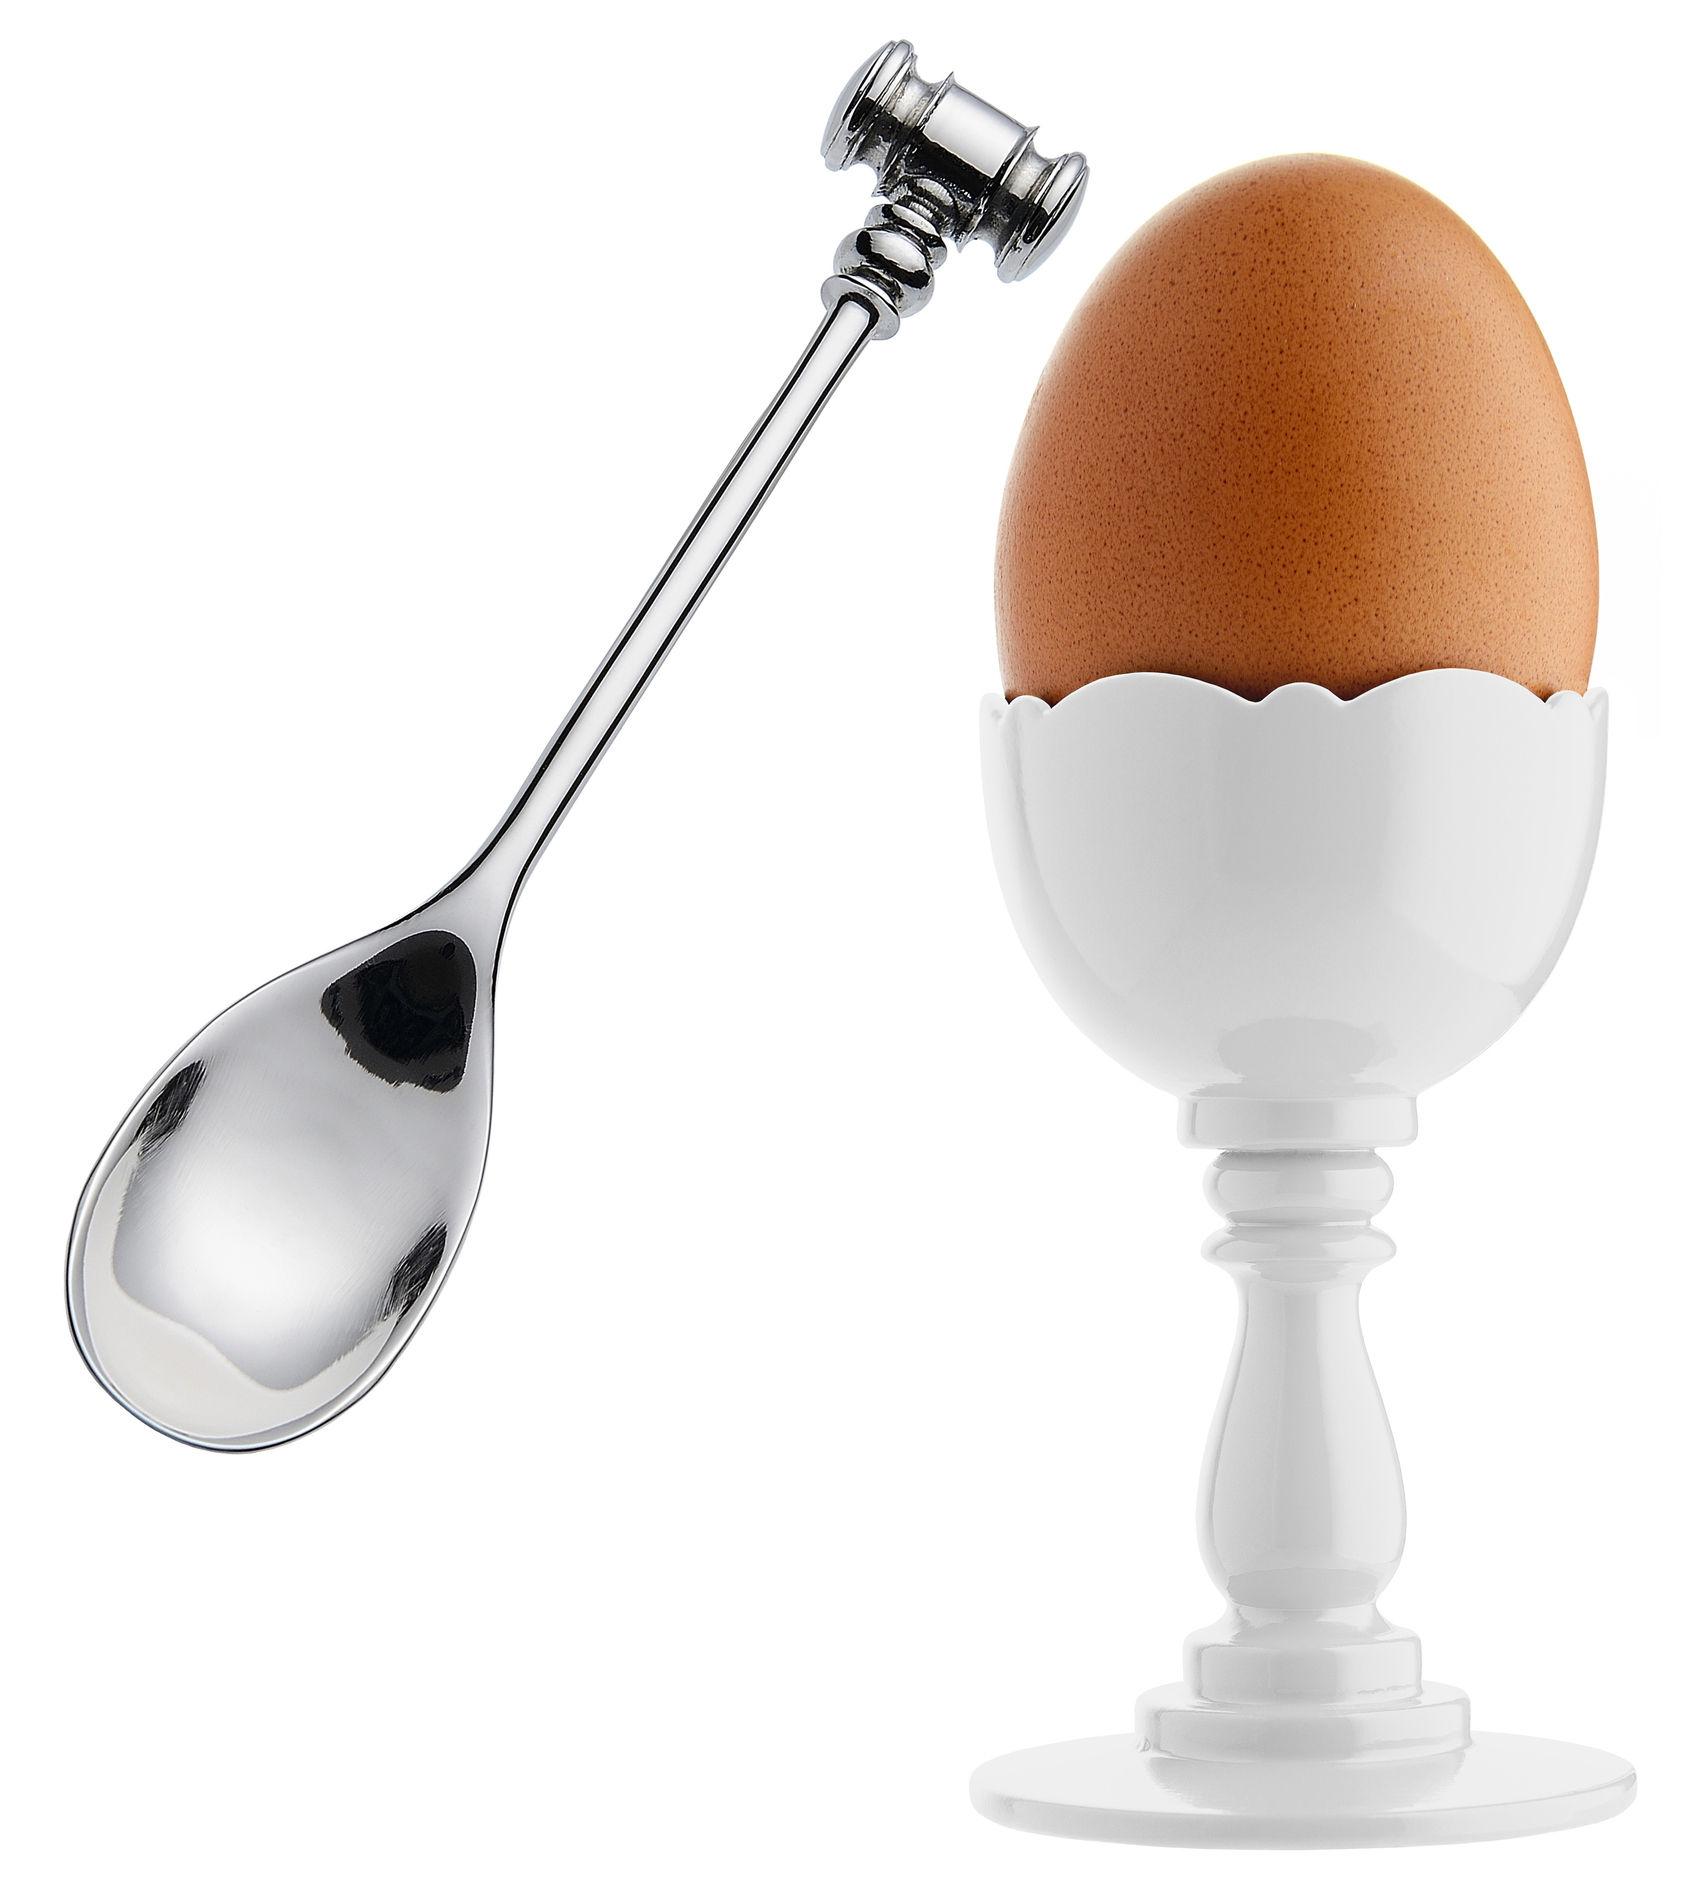 Tavola - Portauova - Portauovo Dressed - / PMMA - Con cucchiaino da uovo di Alessi - Bianco / Cucchiaino in acciaio - Acciaio inossidabile, Resina termoplastica